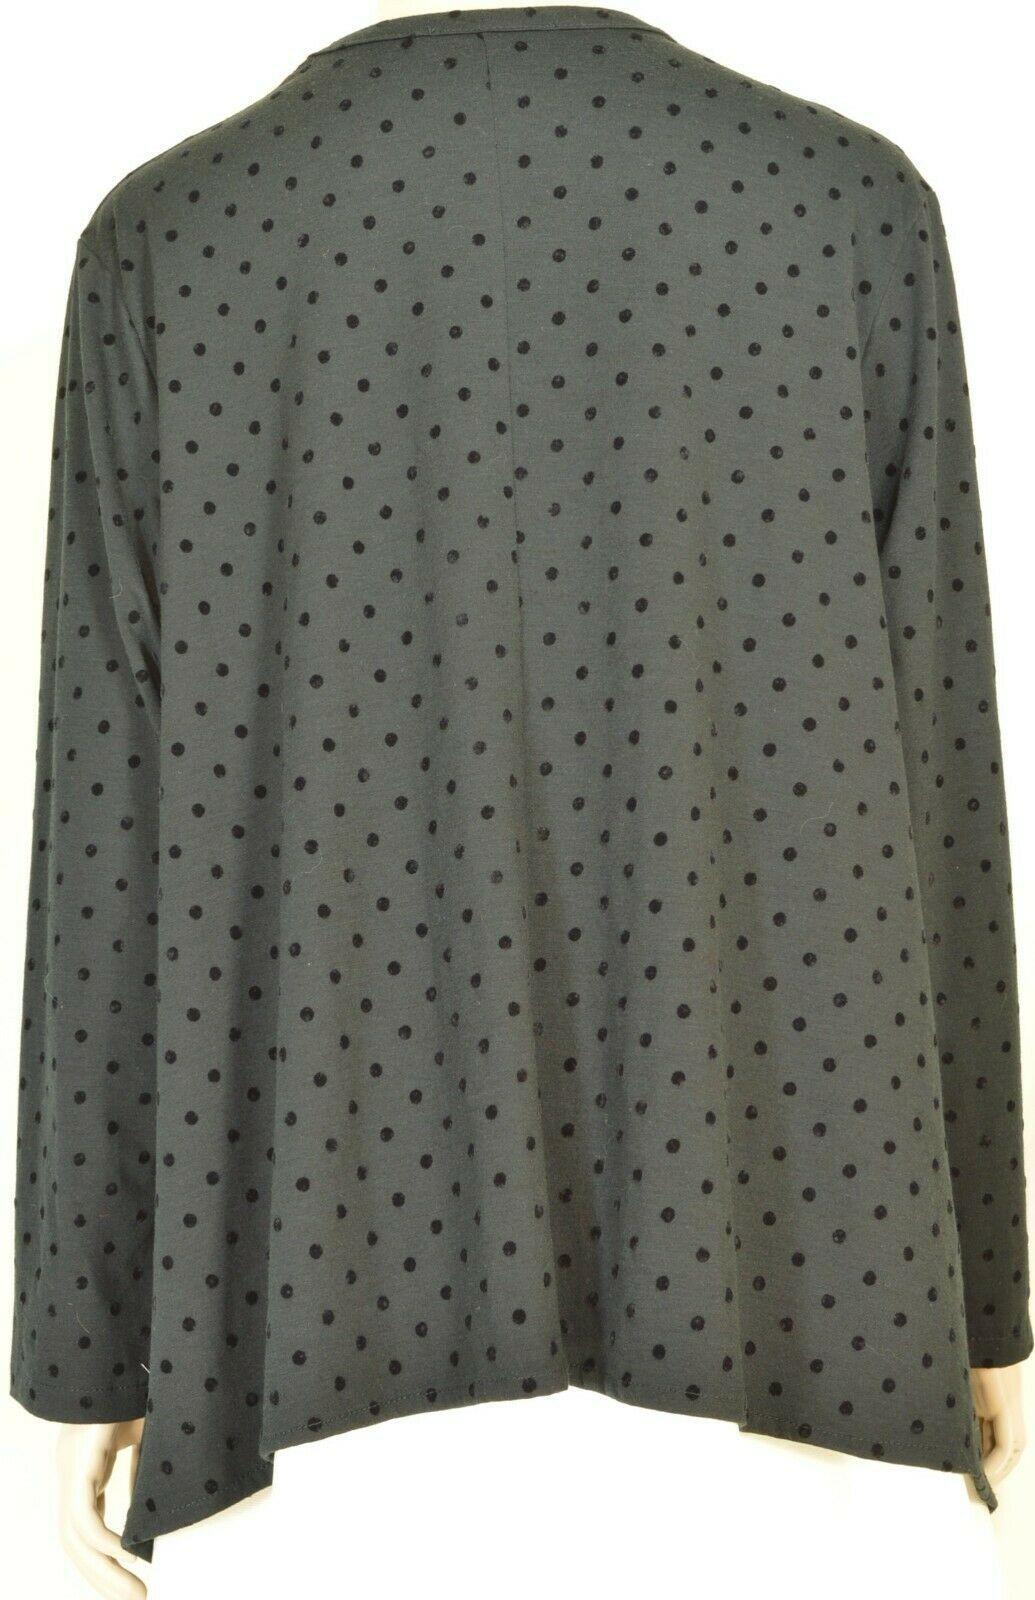 Alembika top jacket 4 L XL black tonal polka dots asymmetrical full long sleeve